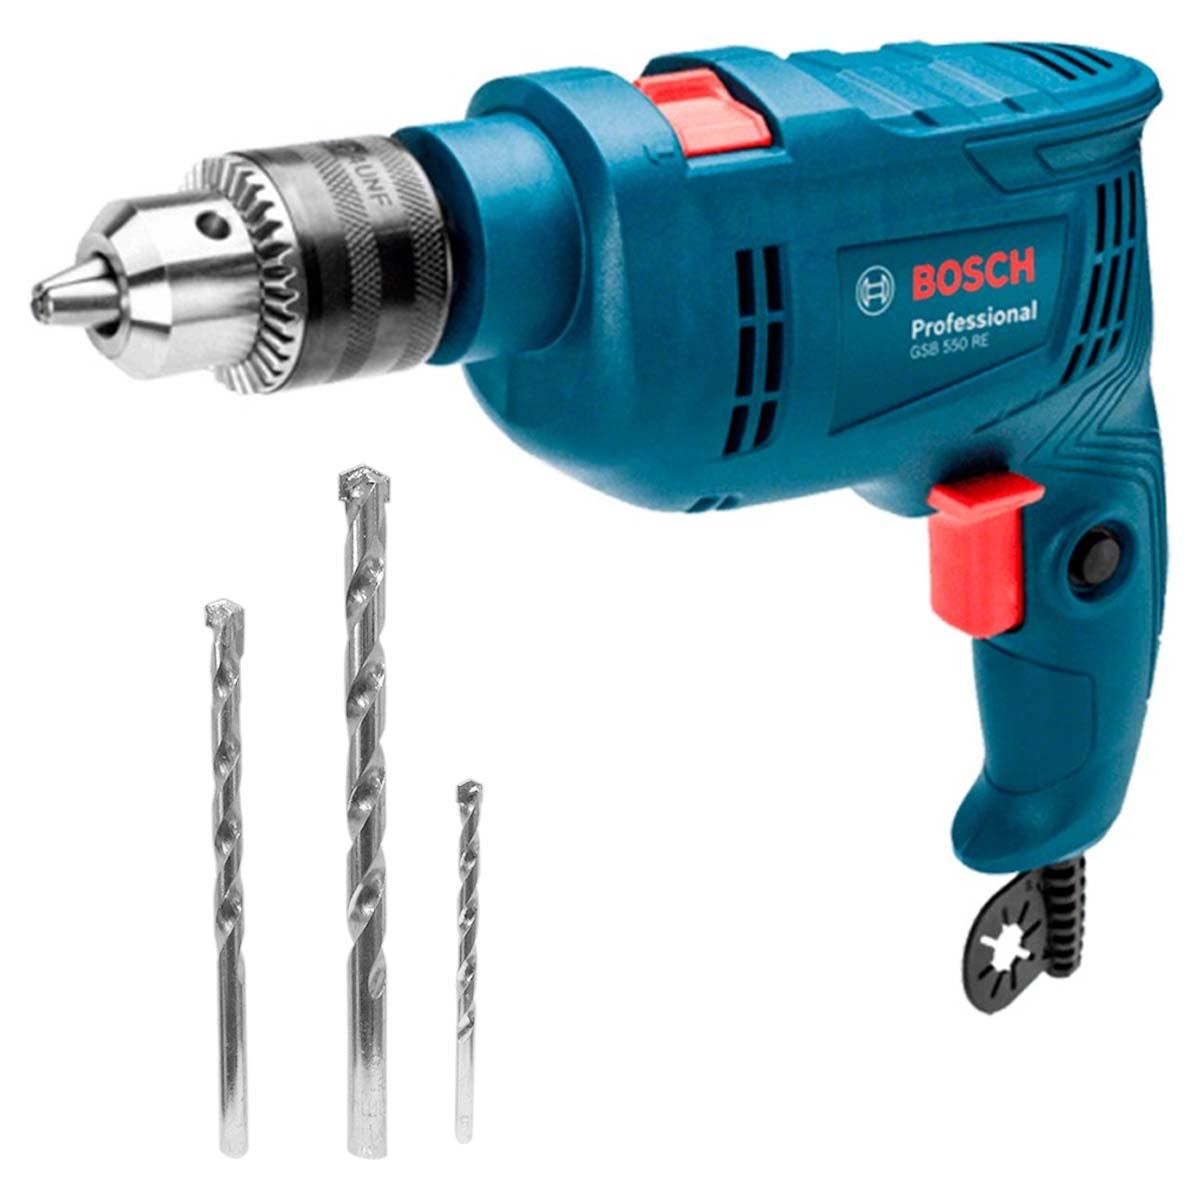 Rotomartillo 550w 127v + 3 Accesorios Gsb 550 Re Bosch